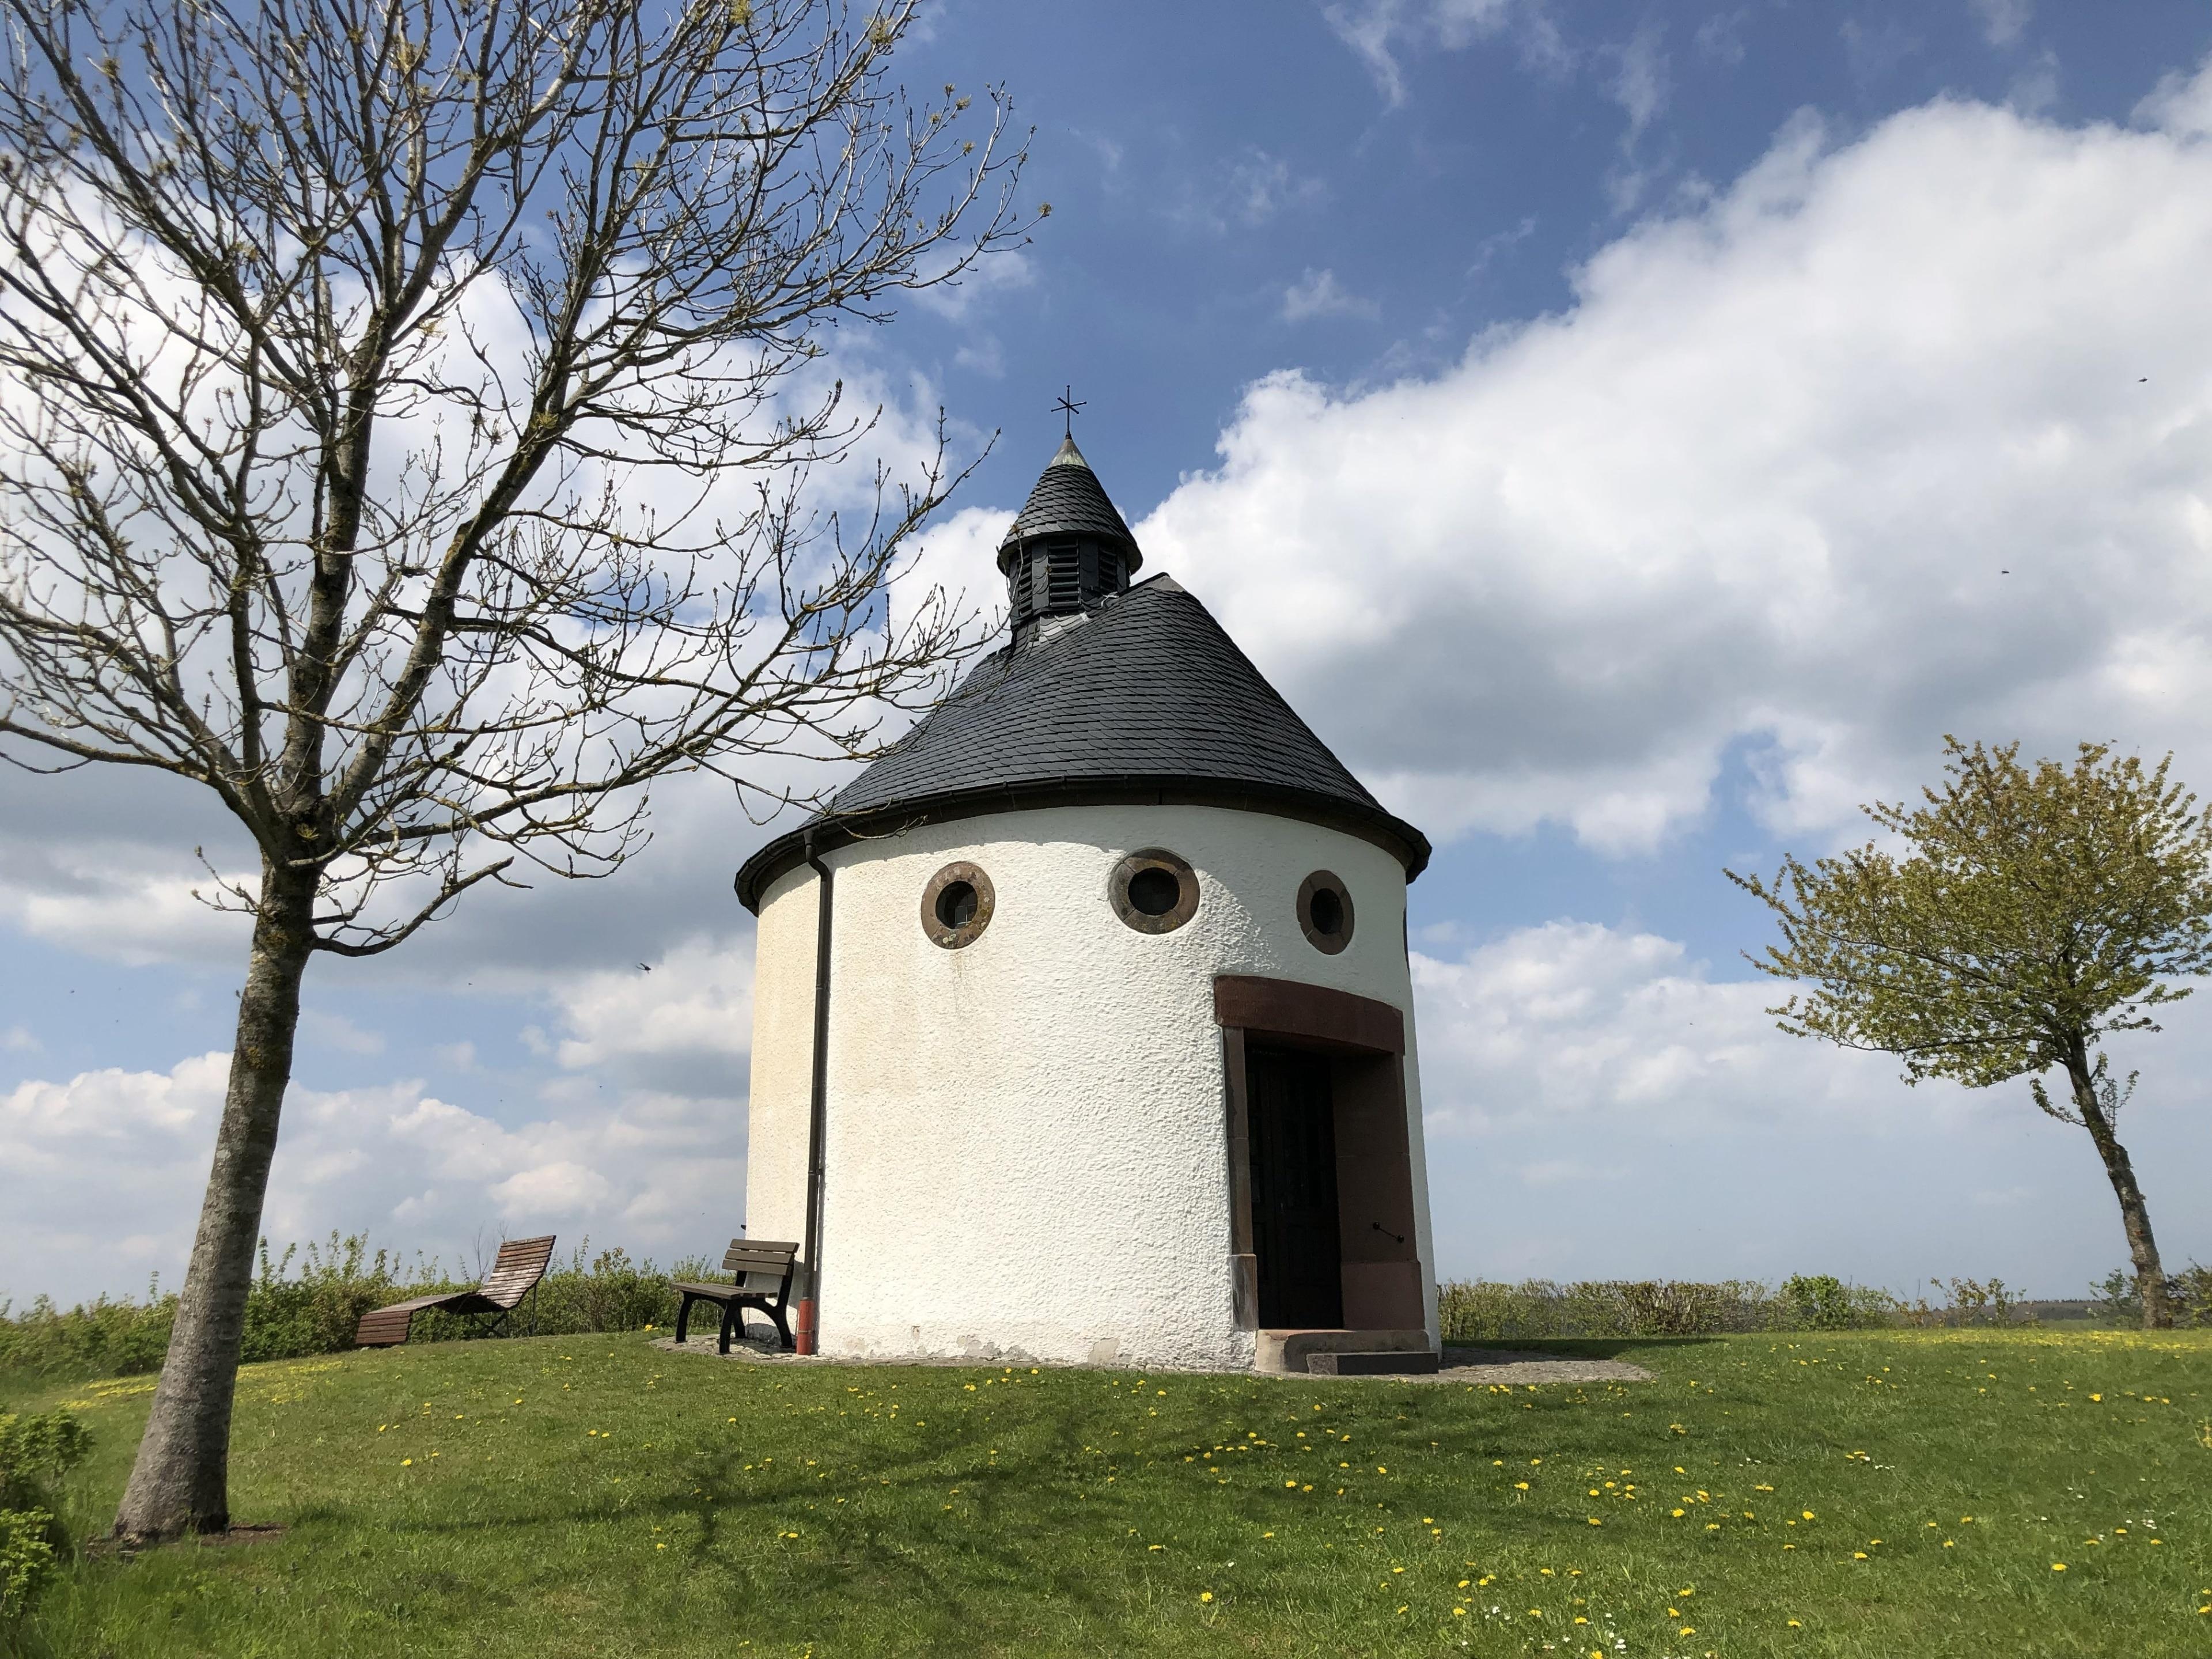 Steffeln, Rhineland-Palatinate, Germany